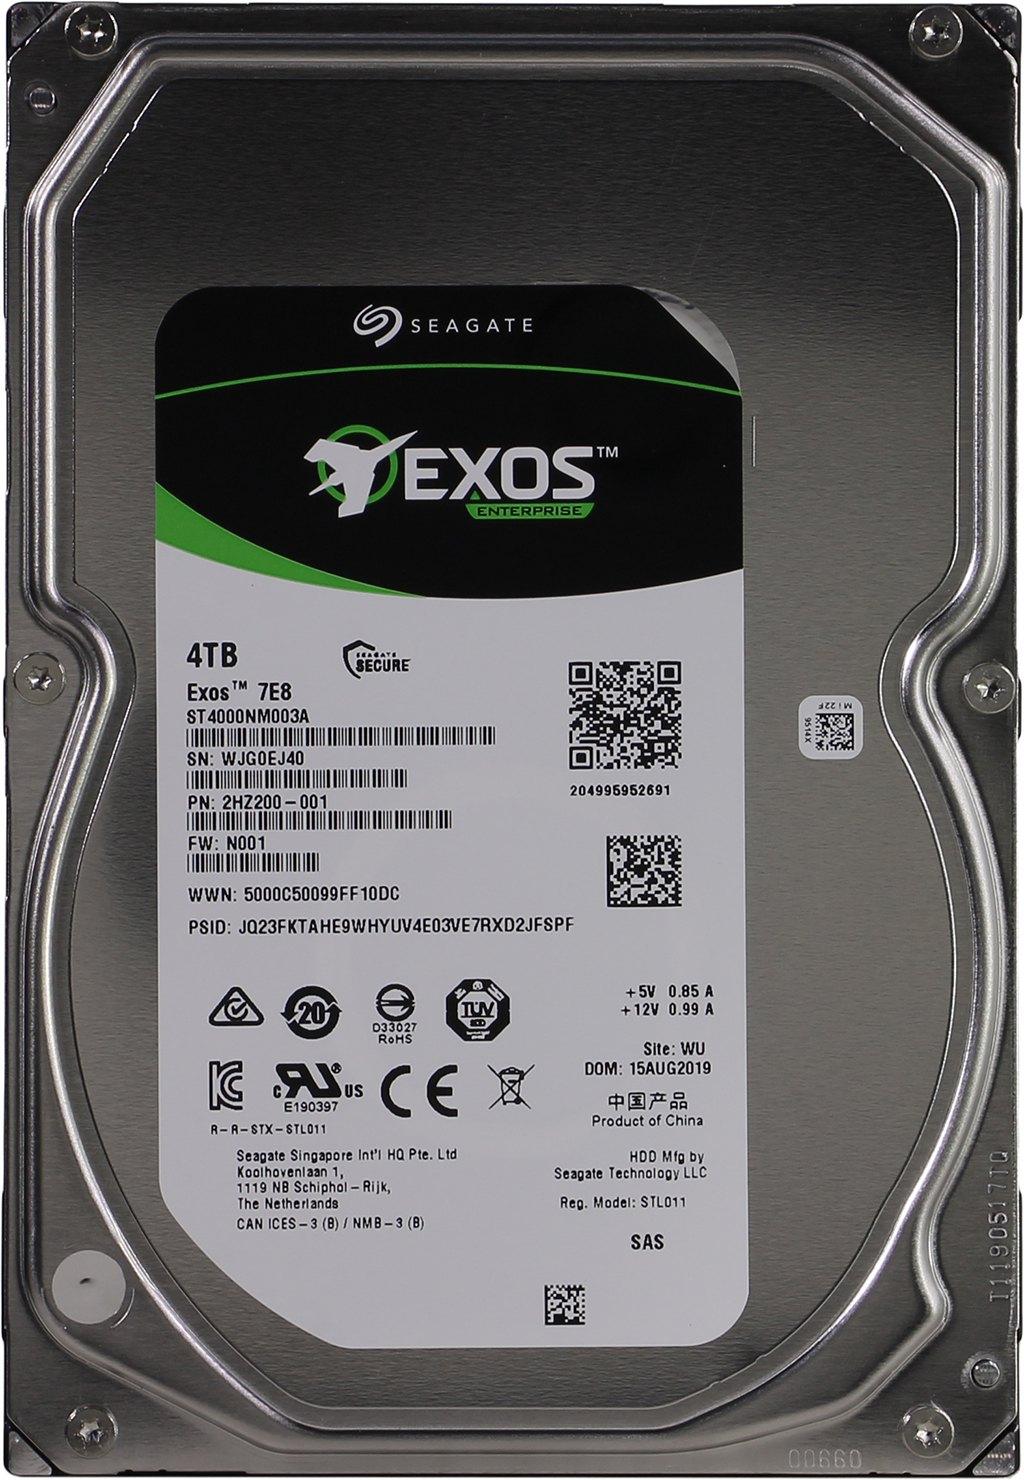 Внутренний HDD диск Seagate Exos ST4000NM003A